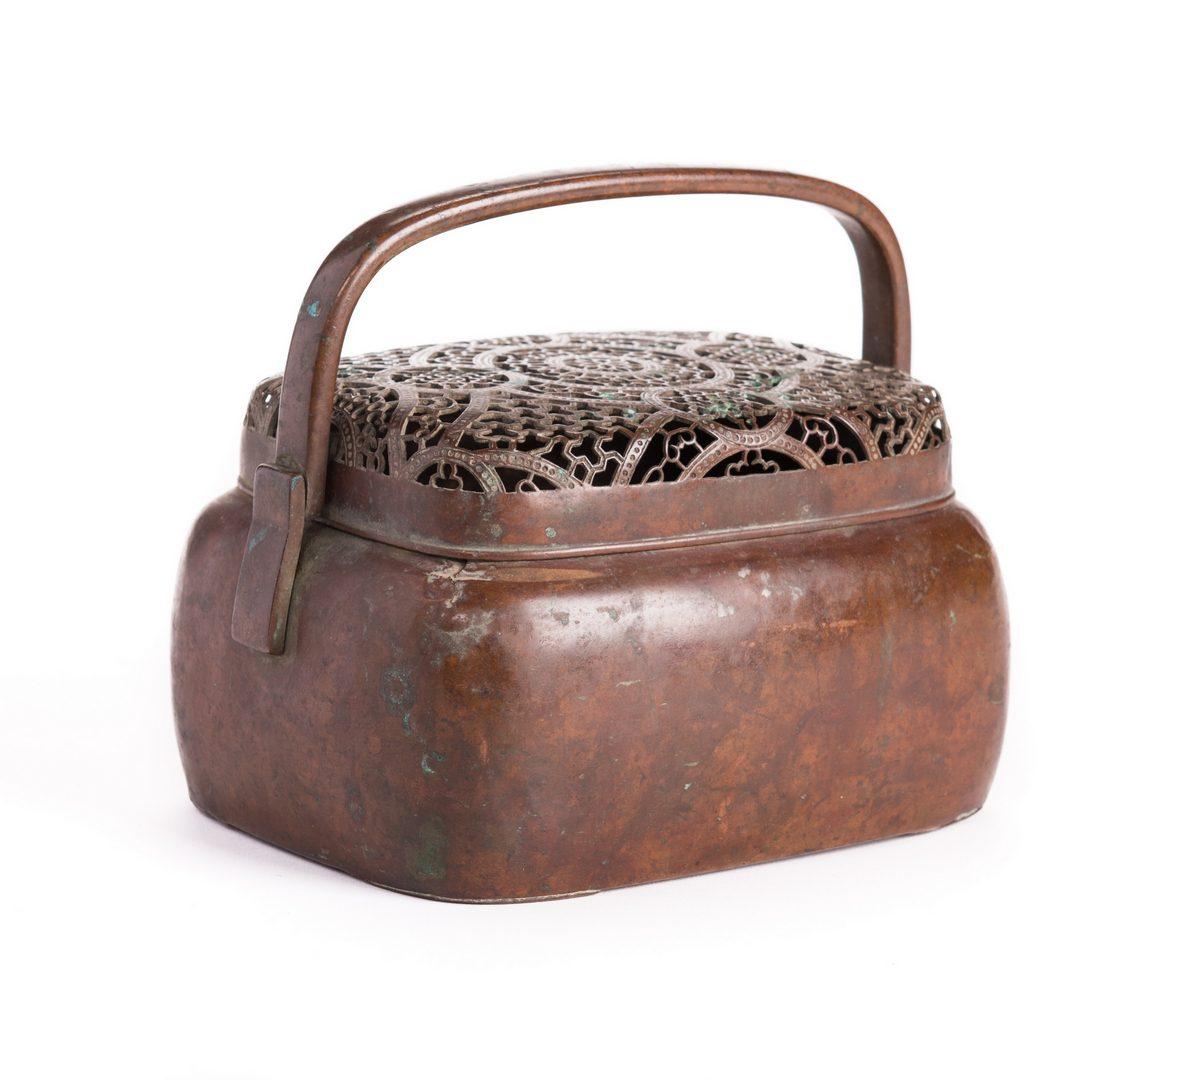 Lot 129: Chinese Bronze Hand Warmer